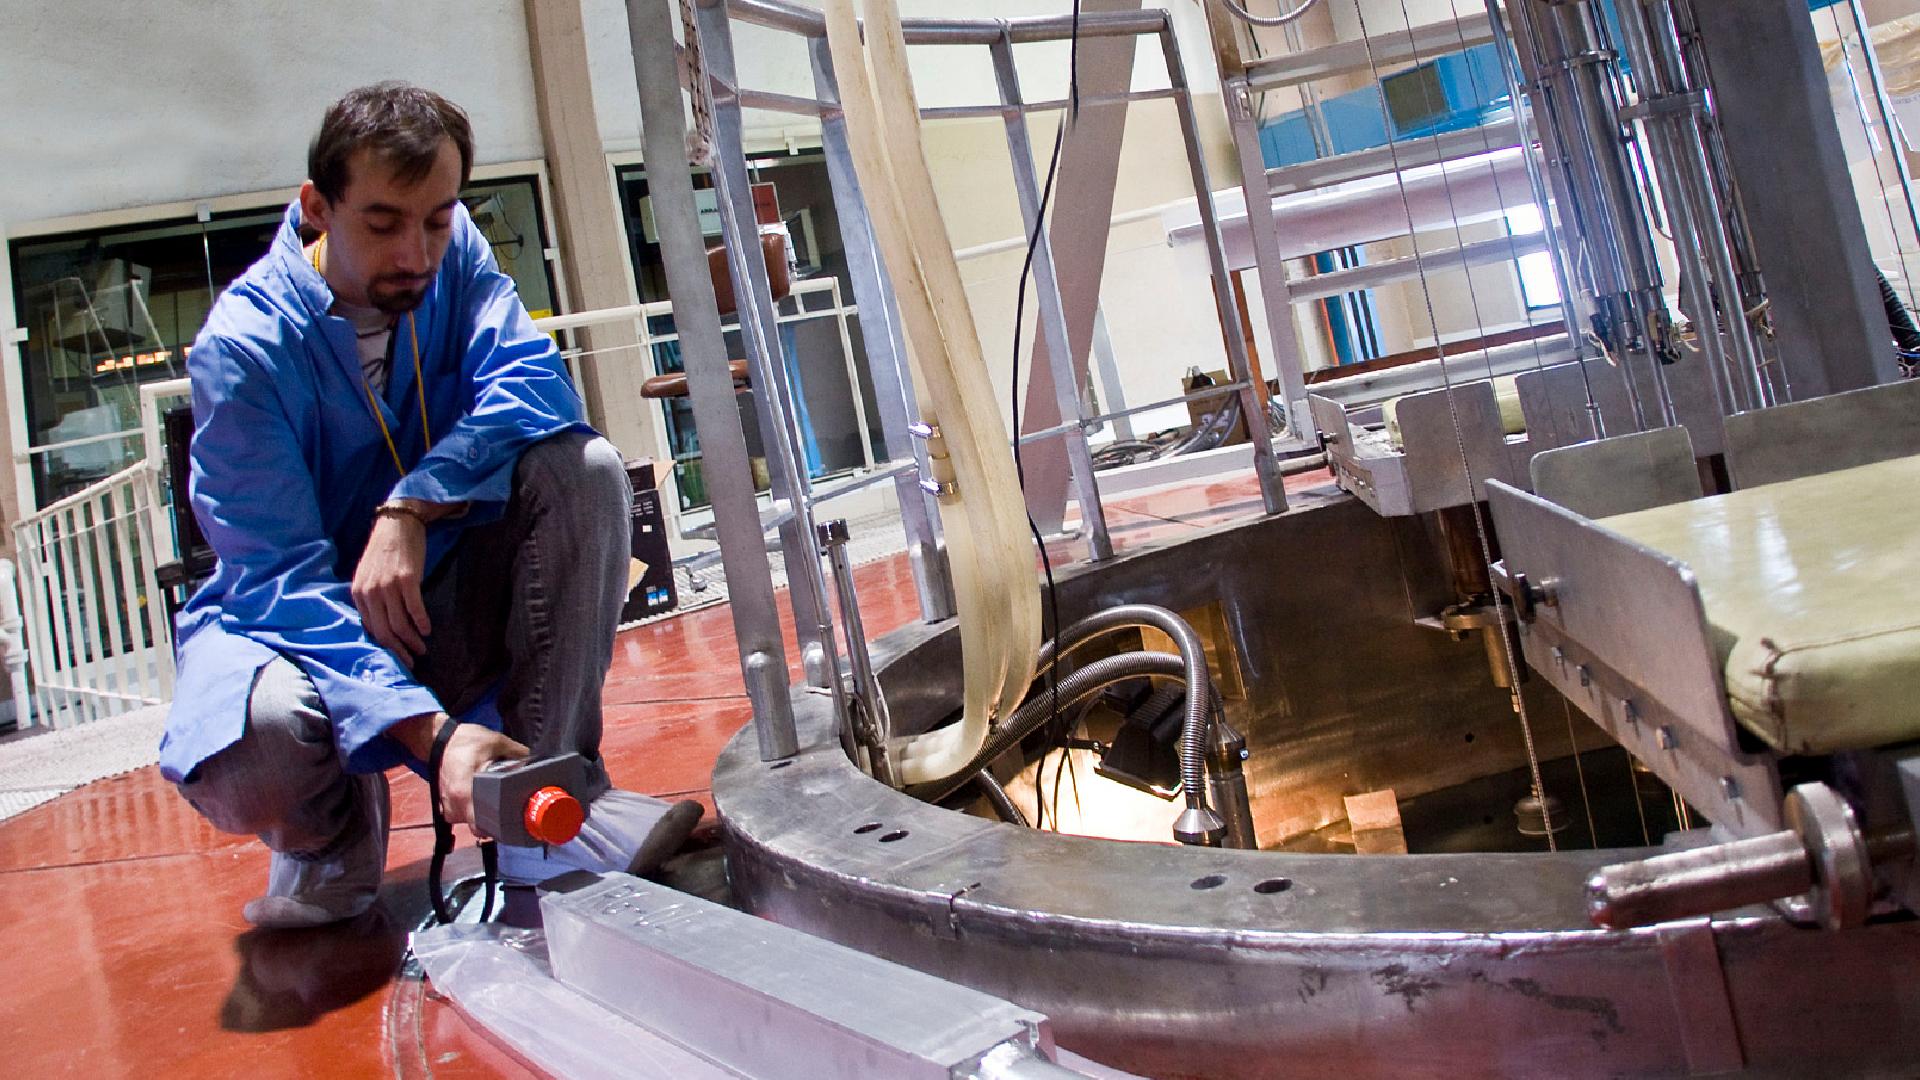 Un científico del Instituto Balseiro realiza mediciones sobre un elemento de prueba en la boca del reactor de investigación RA-6